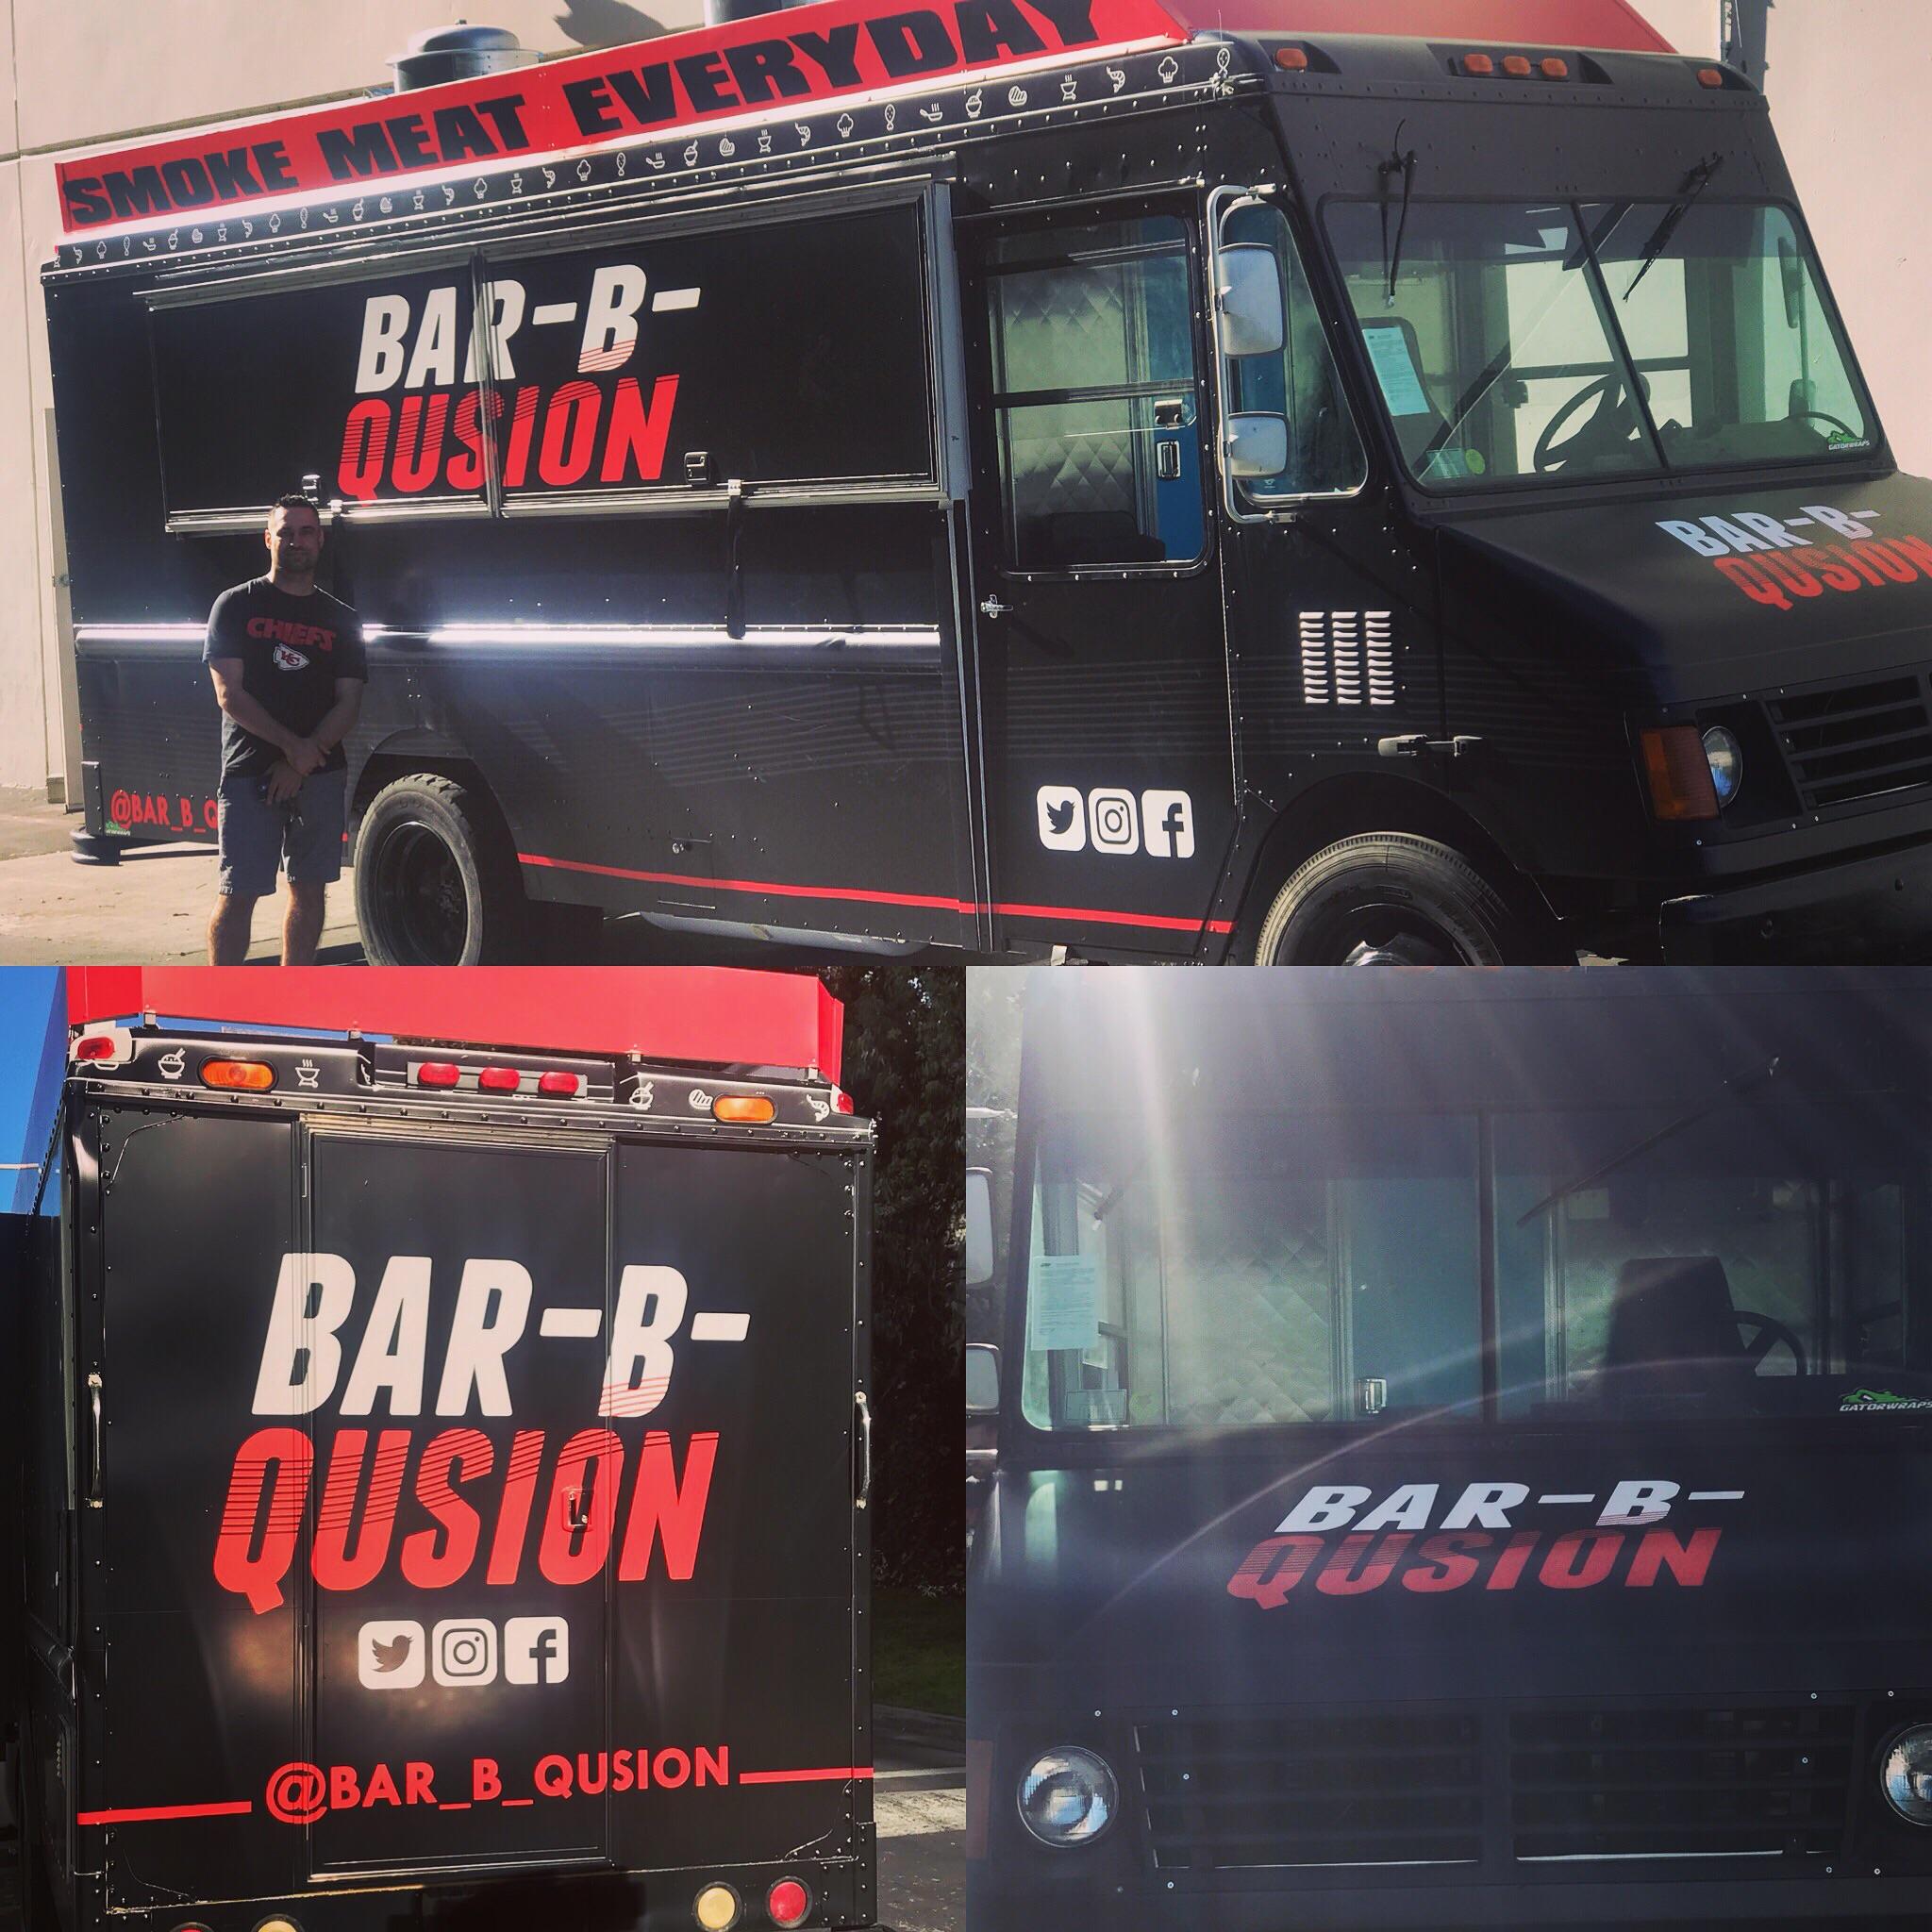 Bar.b.qusion